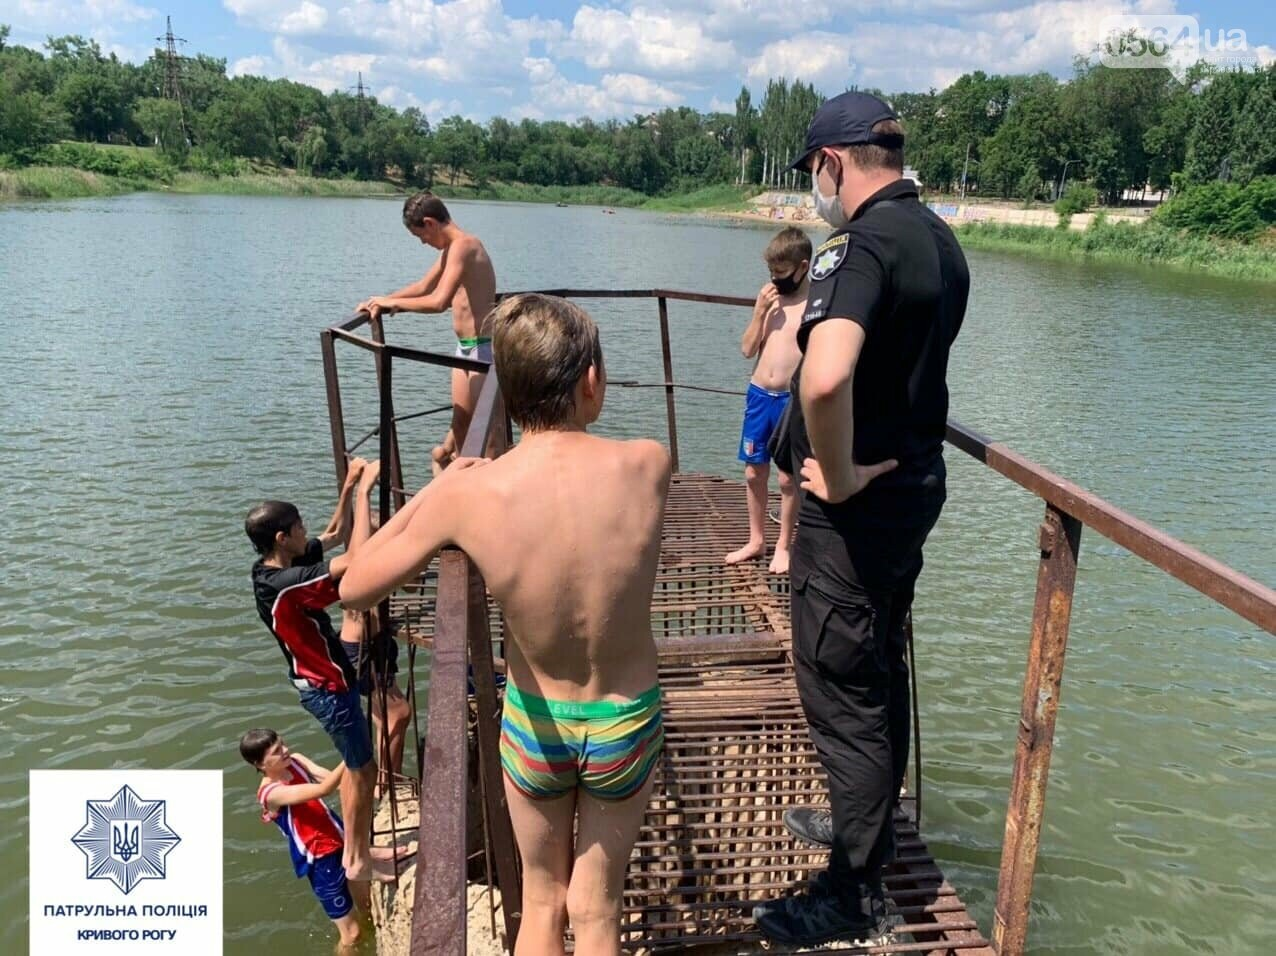 В Кривом Роге патрульные провели беседы с отдыхающими у воды детьми, - ФОТО , фото-1